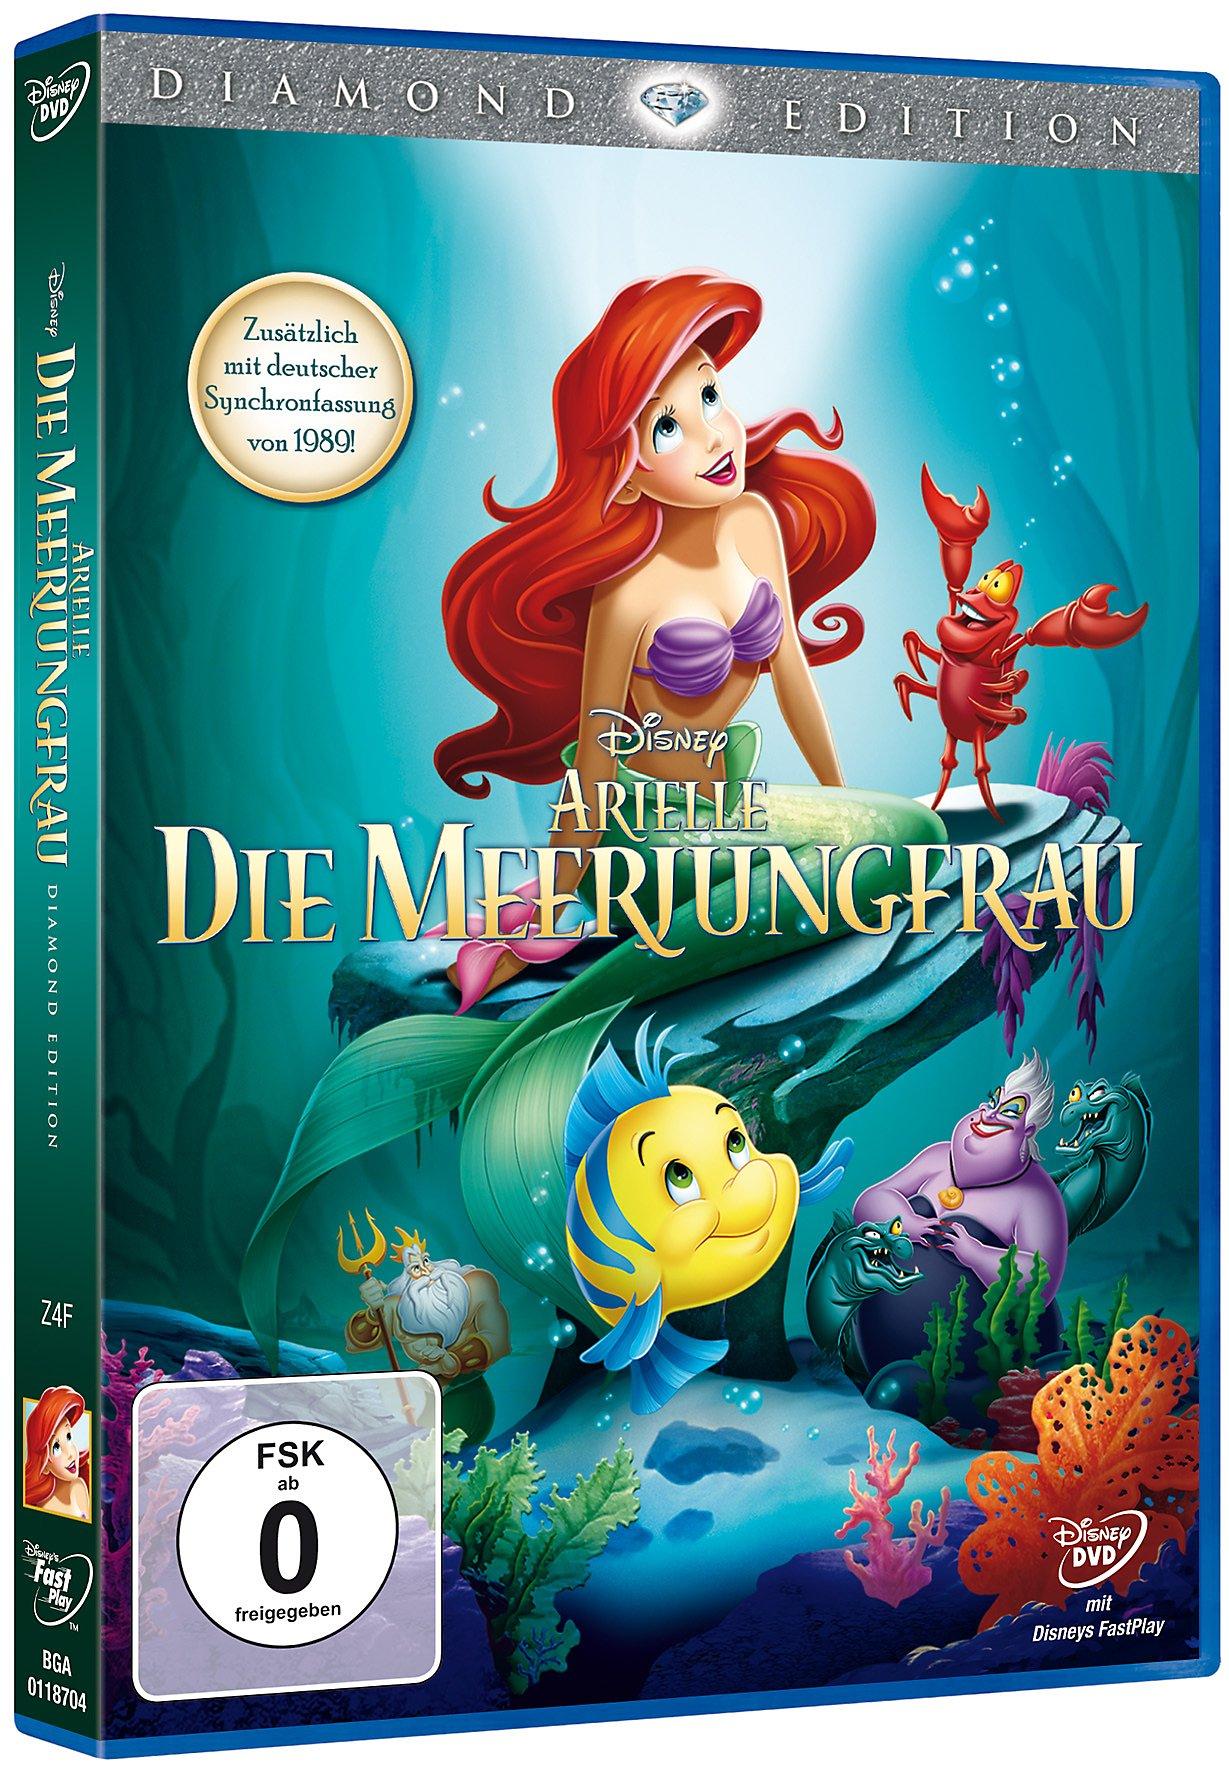 Arielle Die Meerjungfrau Diamond Edition Dvd Weltbildat